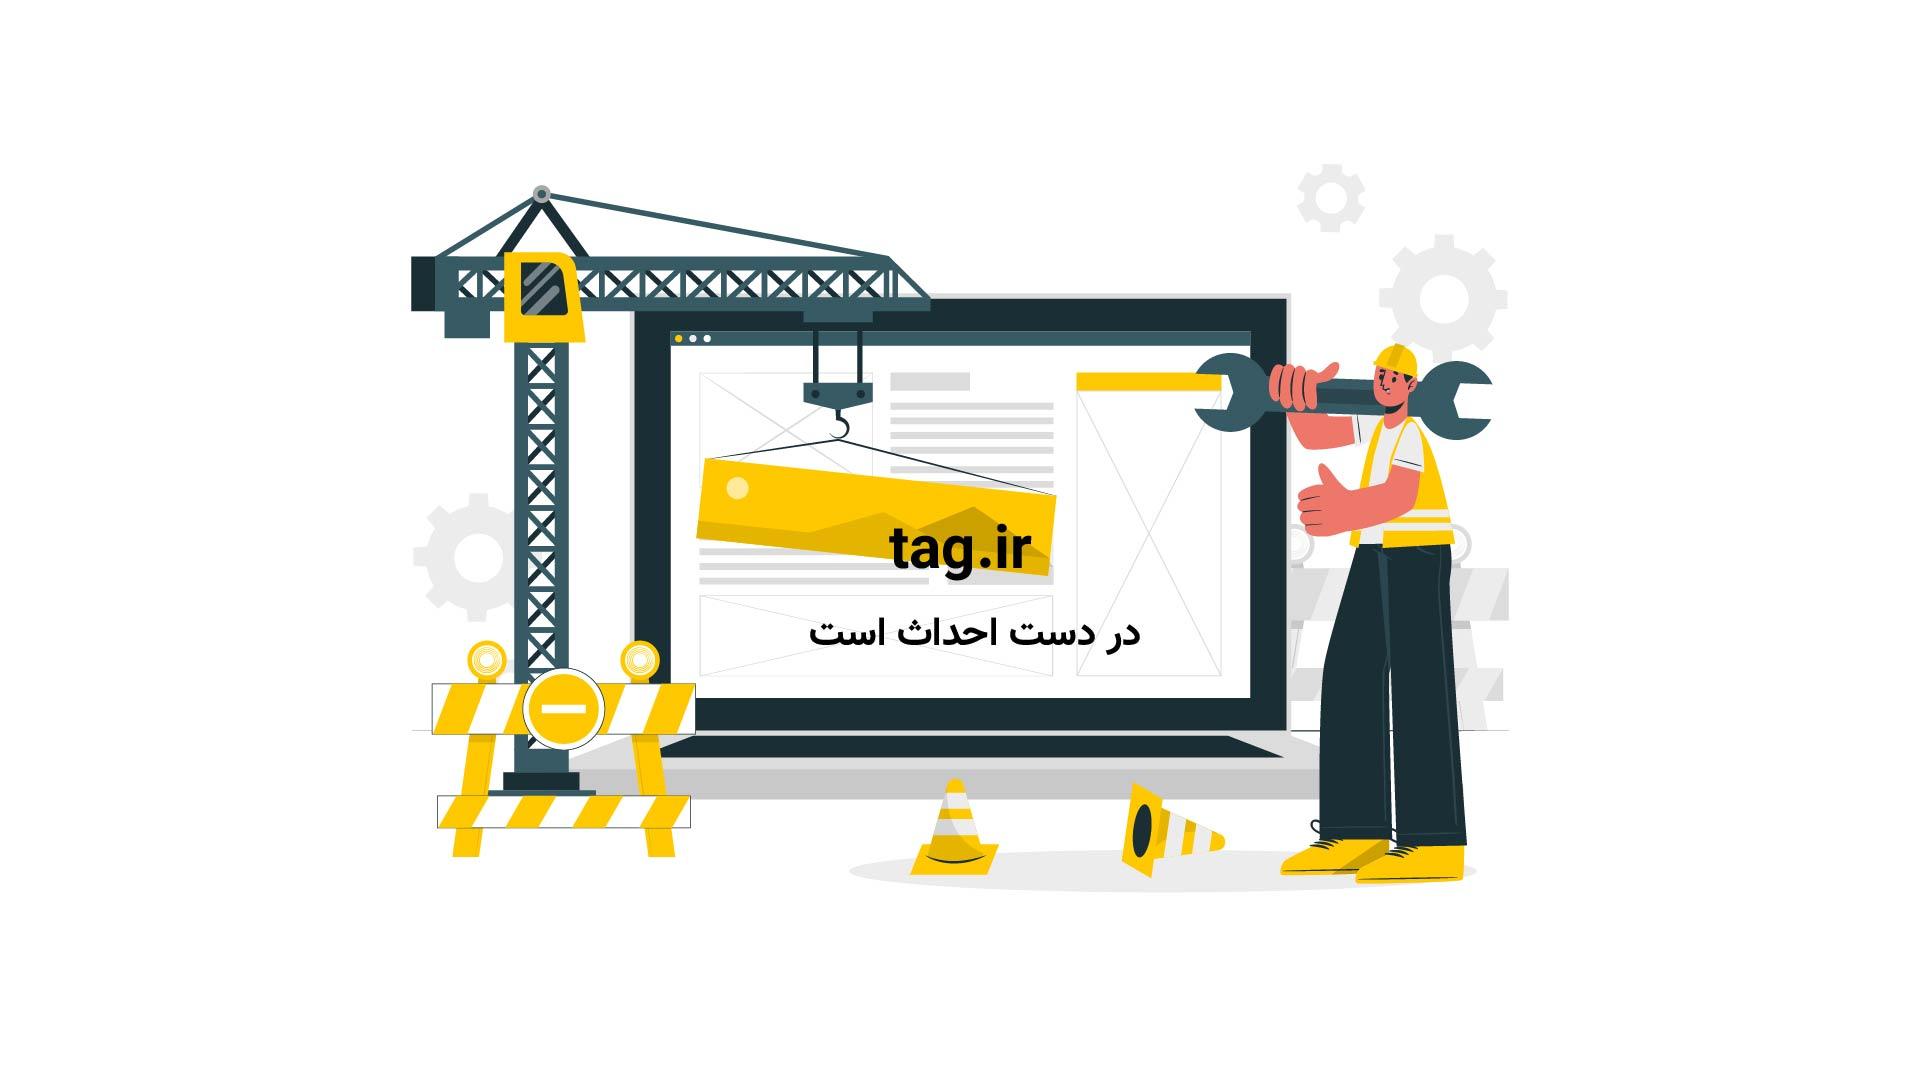 وزیر فرهنگ و ارشاد اسلامی | تگ